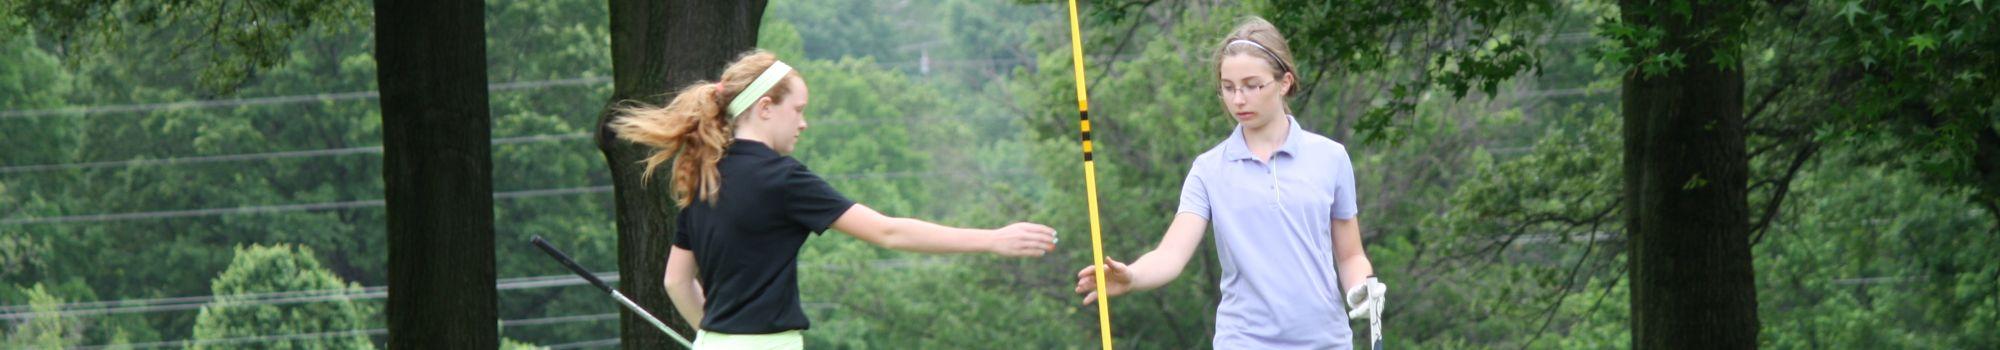 junior-golf-stl4